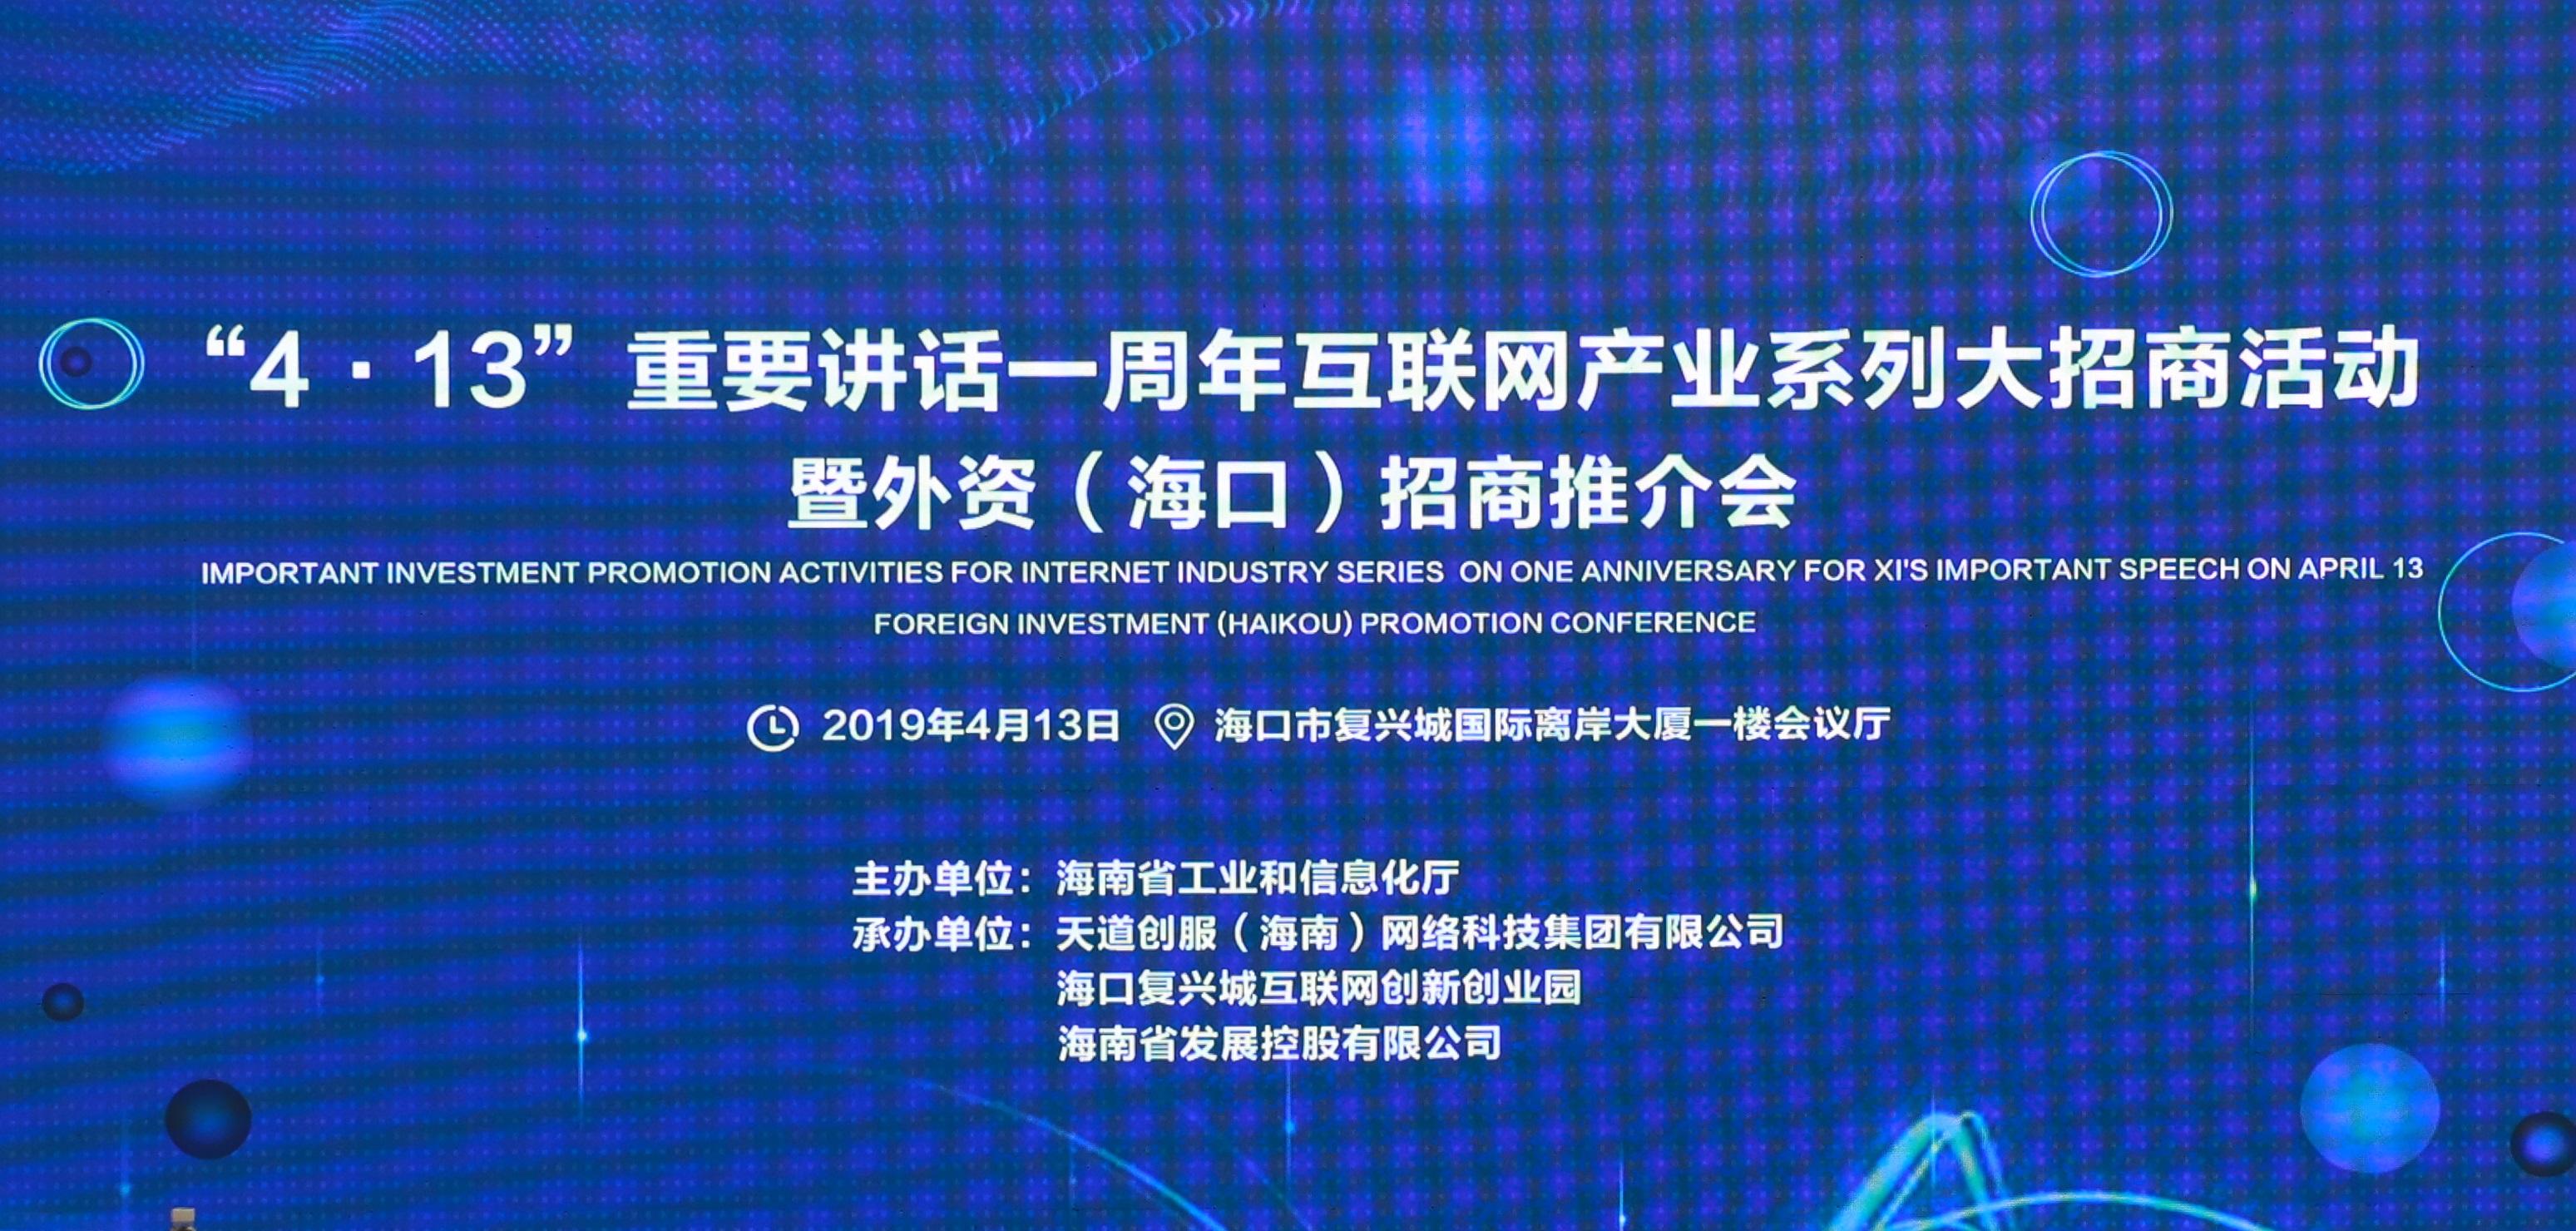 海南互联网产业4月份系列大招商活动暨外资(海口)招商推介会于今日成功举行